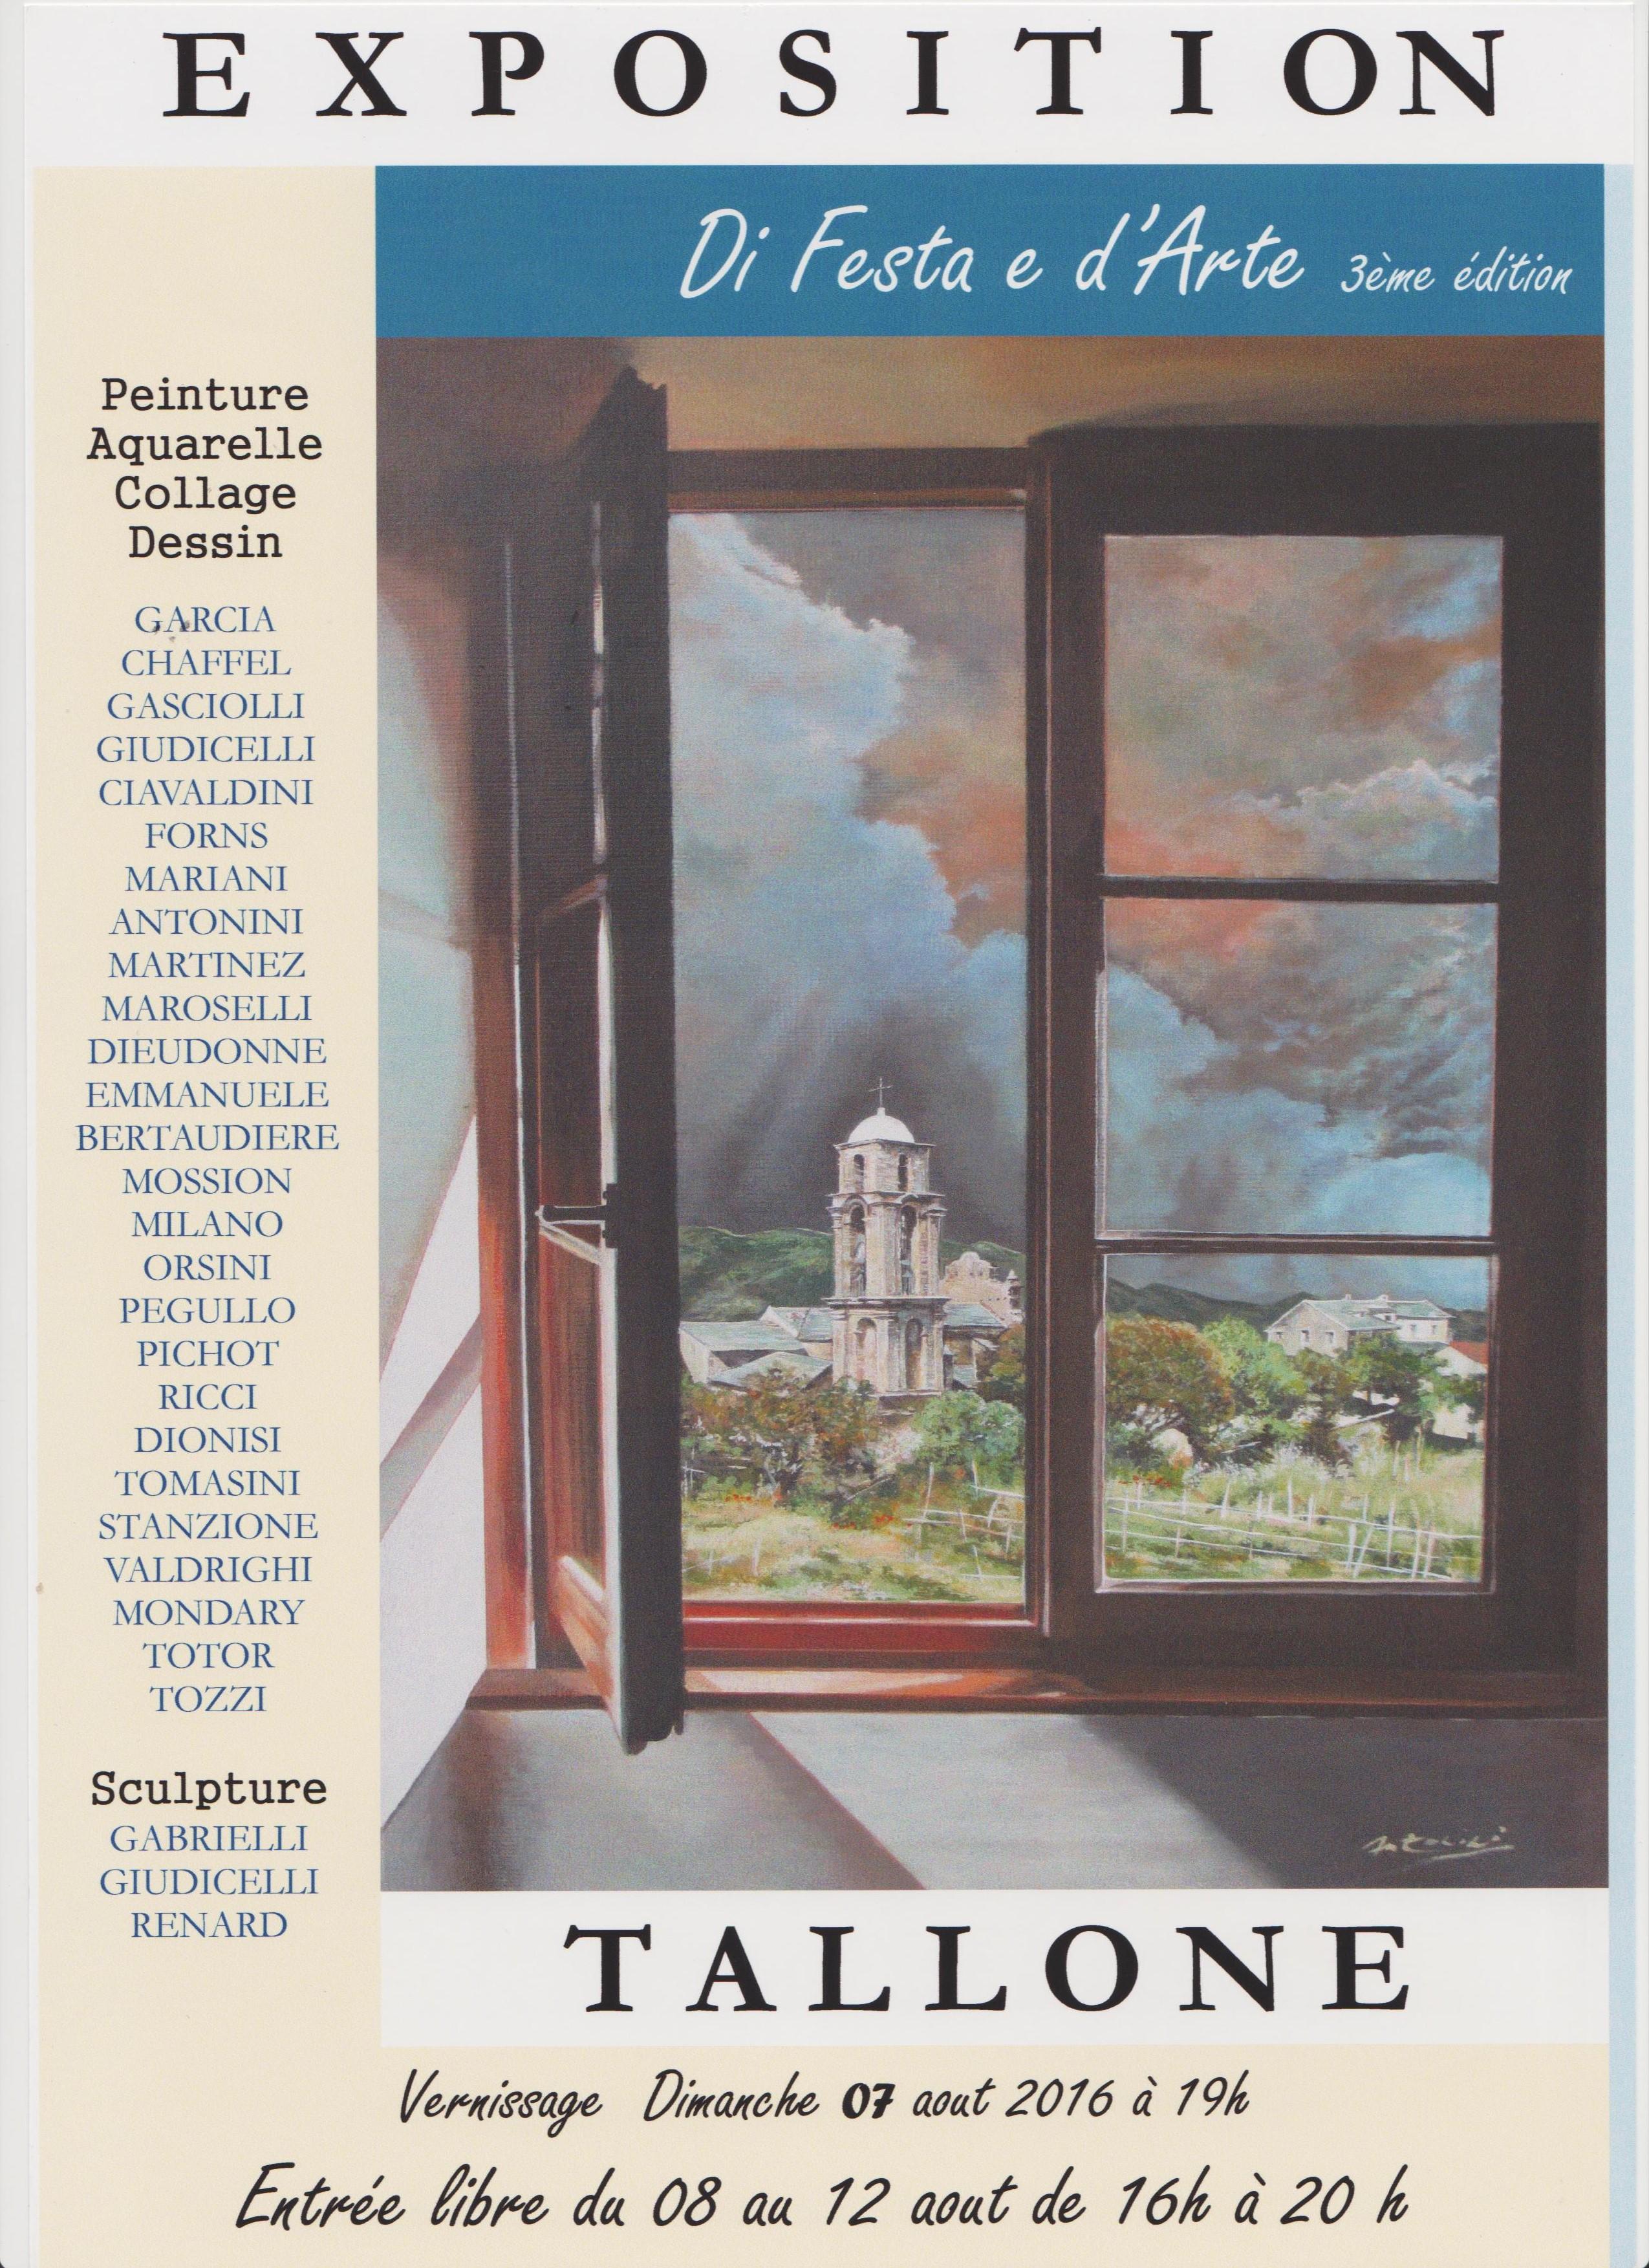 Tallone : 29 artistes à « Di Festa e d'Arte »